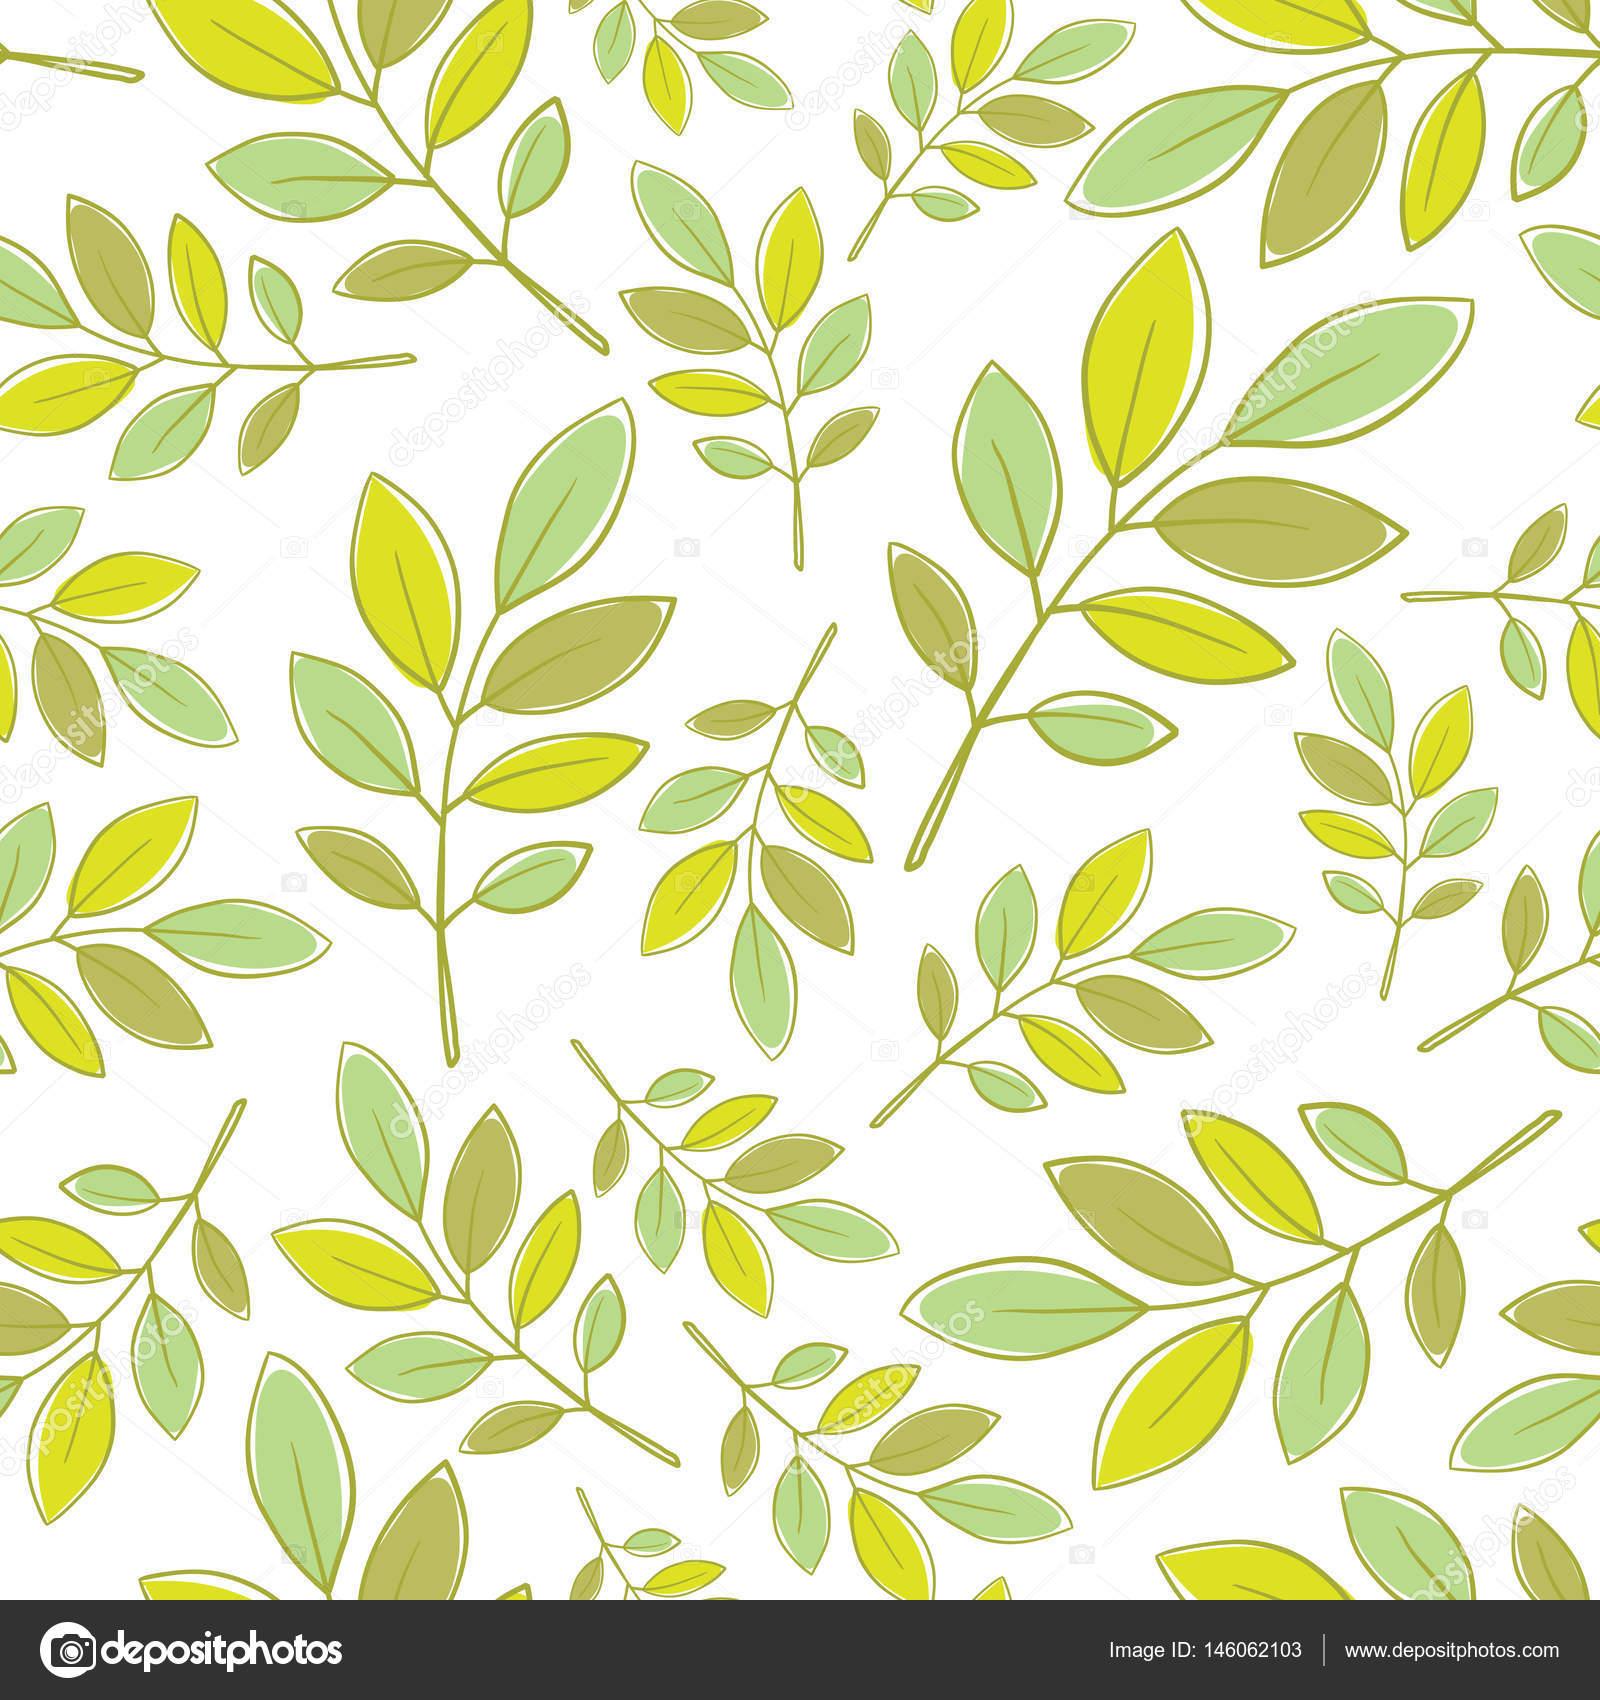 Patr n floral transparente con hojas decorativas de color - Fotos decorativas ...